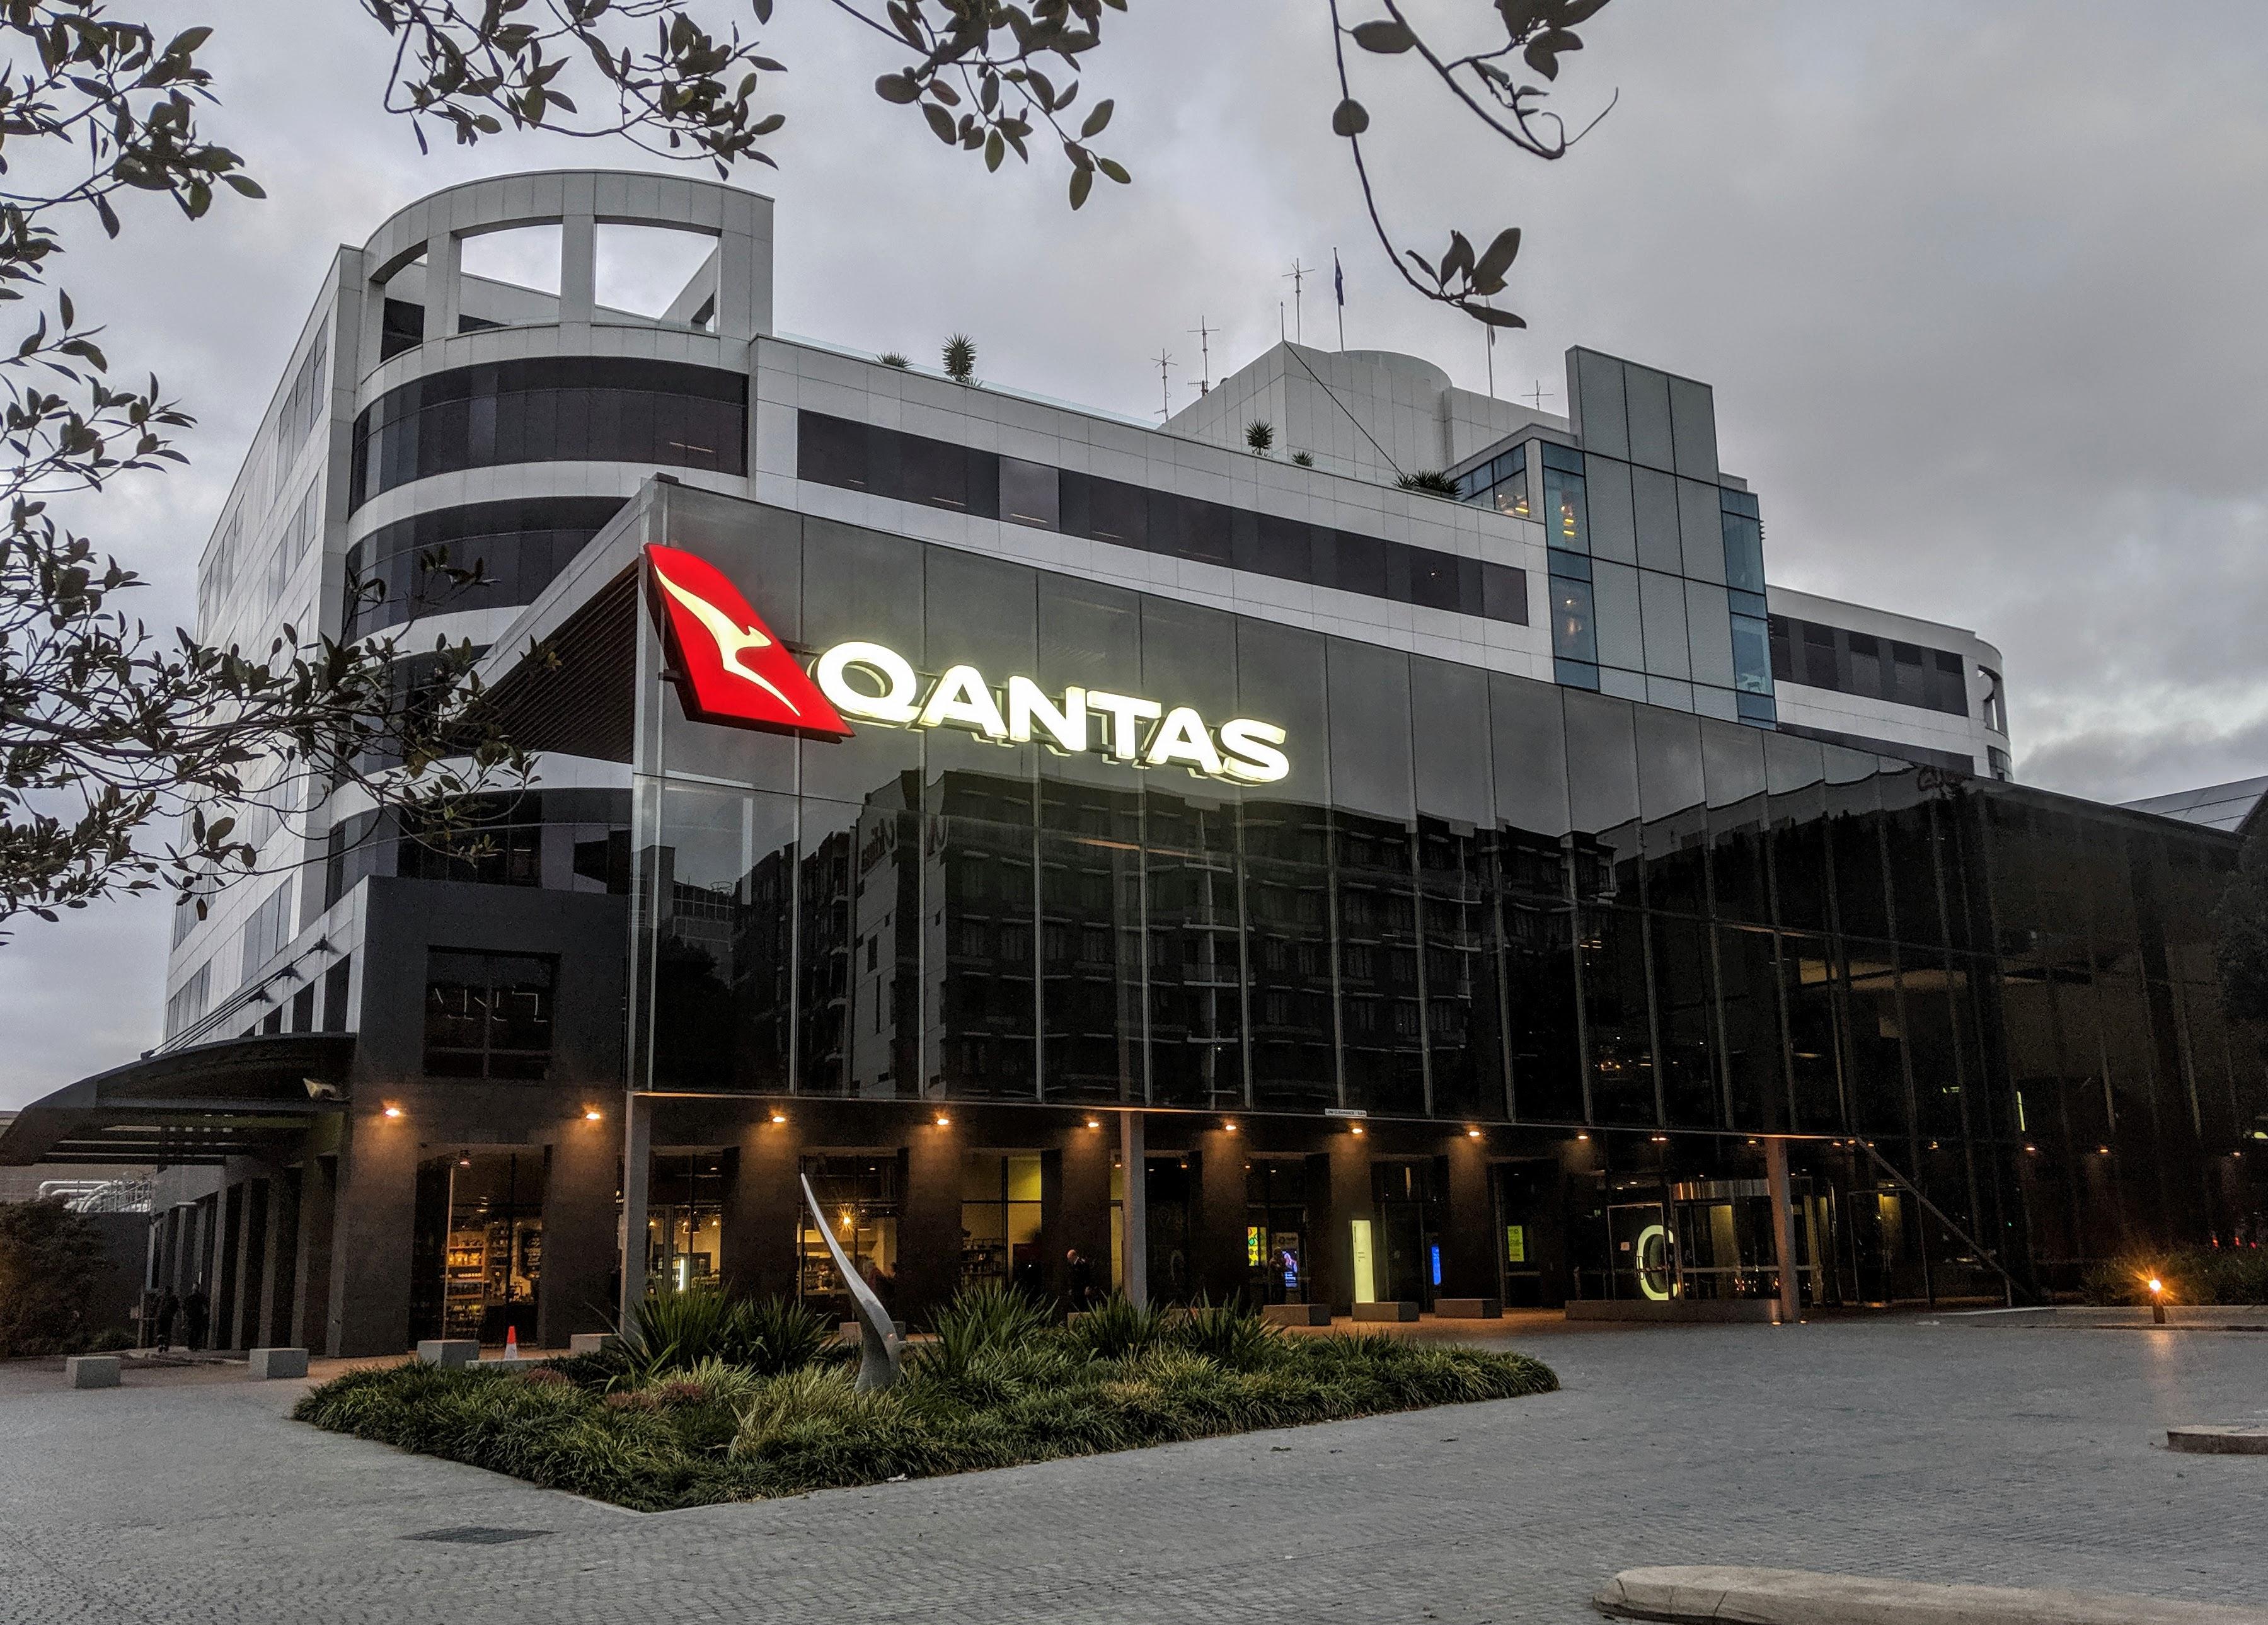 Qantas to build new flight training centre in Brisbane